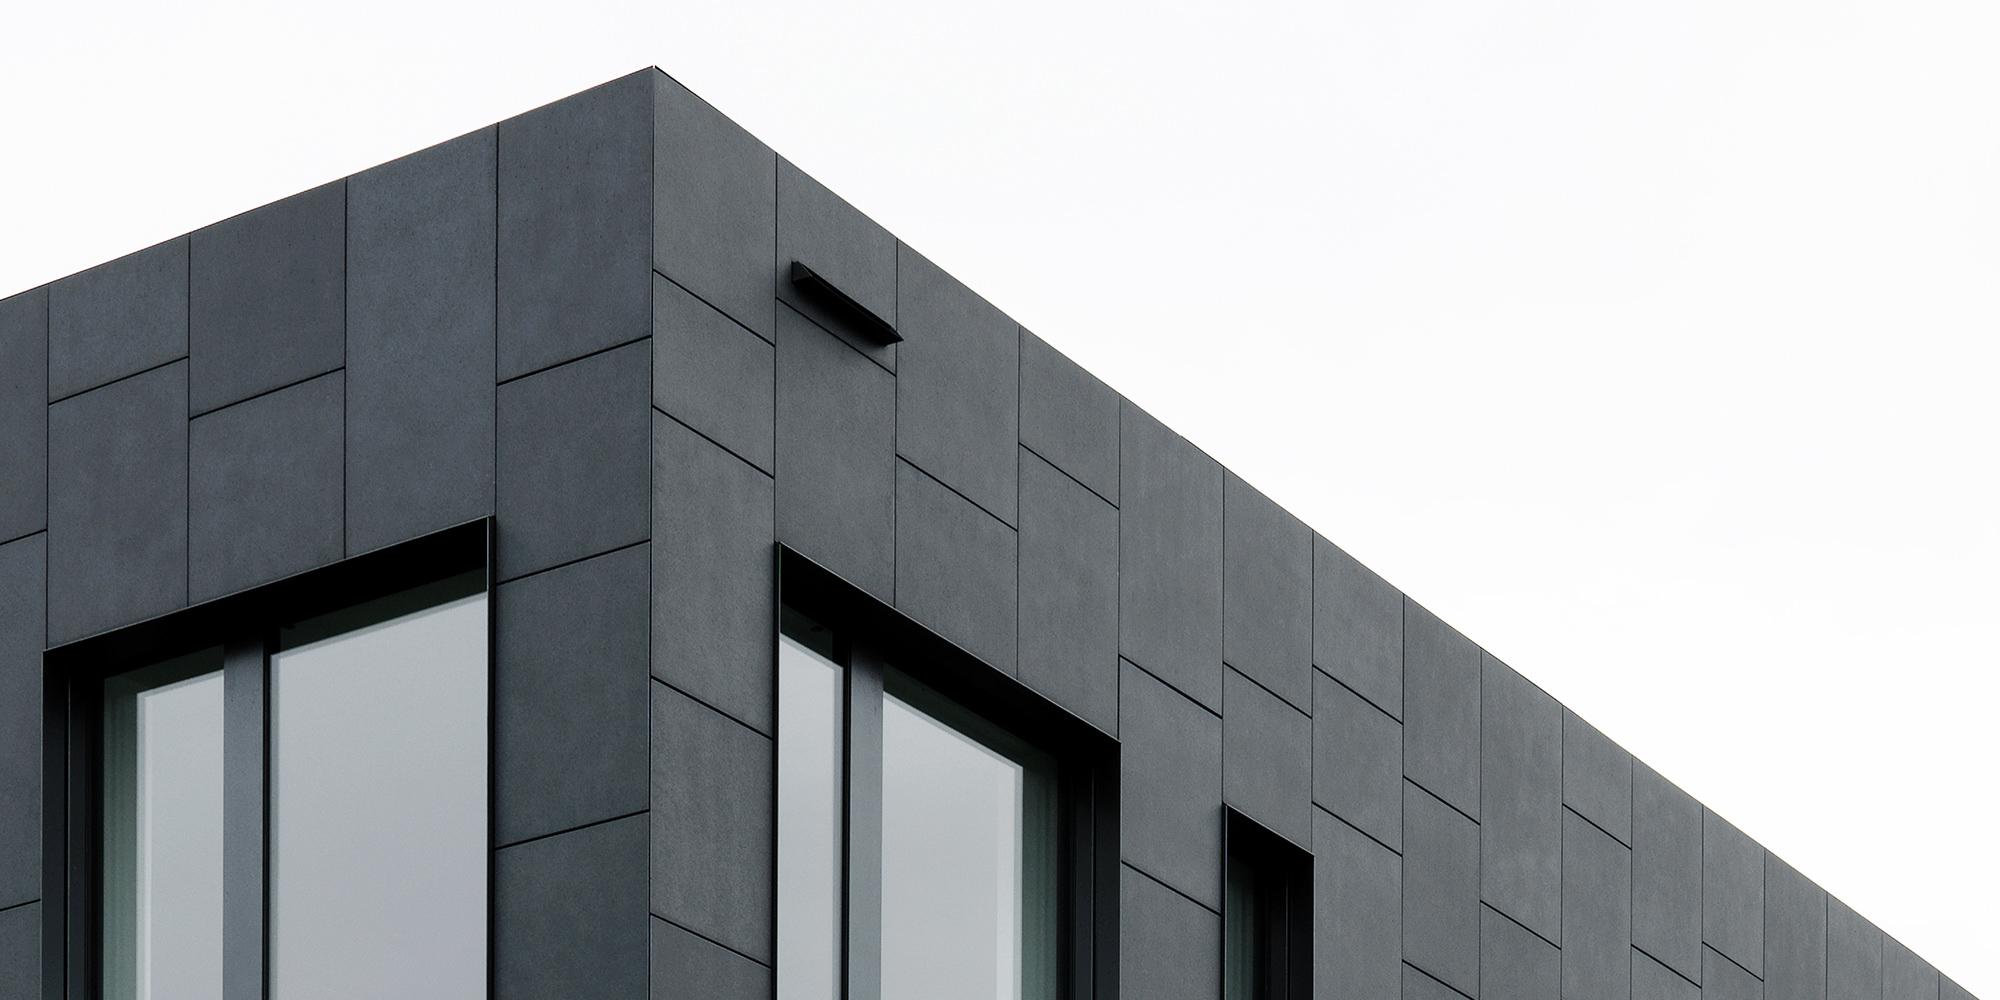 Gfrc wall panels for unique facade designs, Rieder Facades, Austria